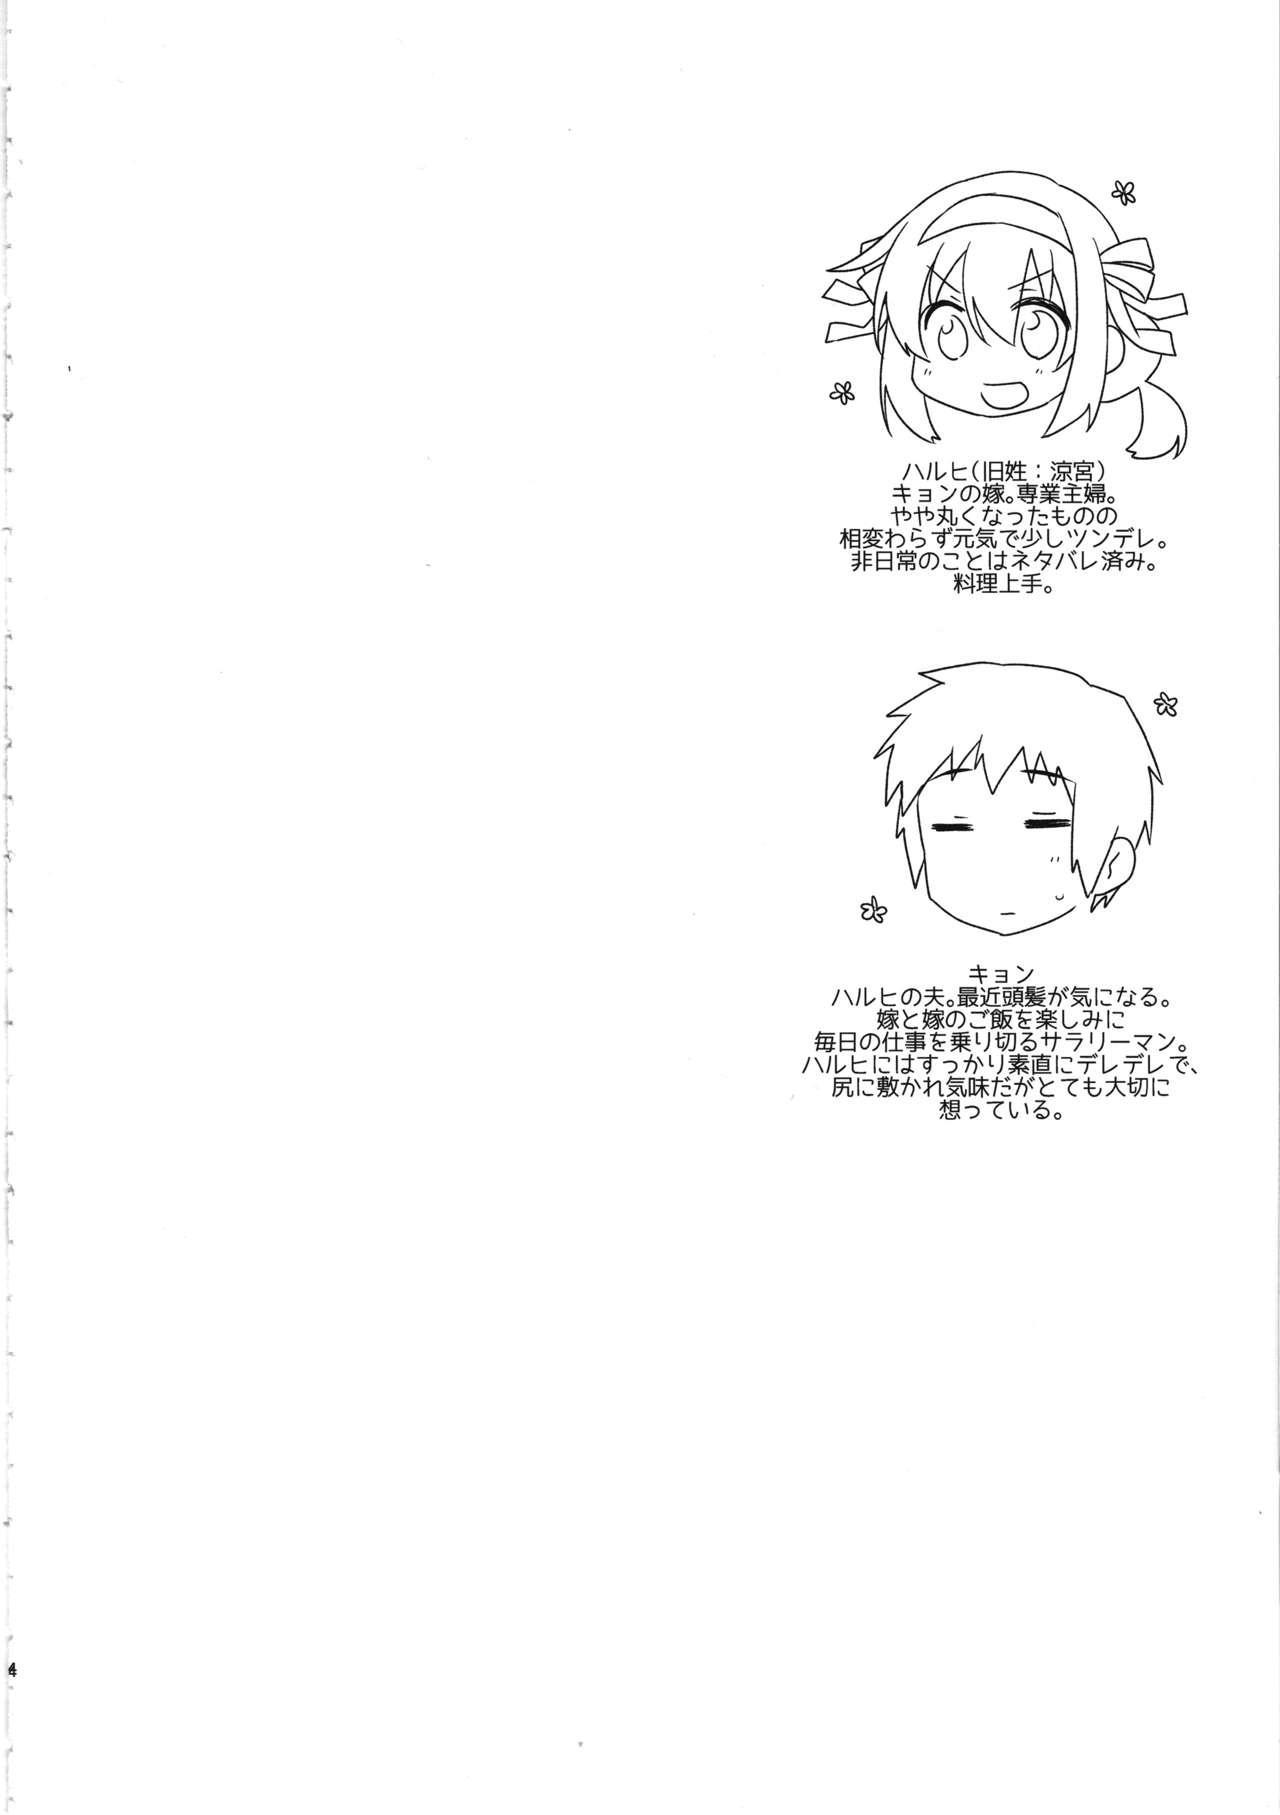 Haruhi wa Ore no Yome 2